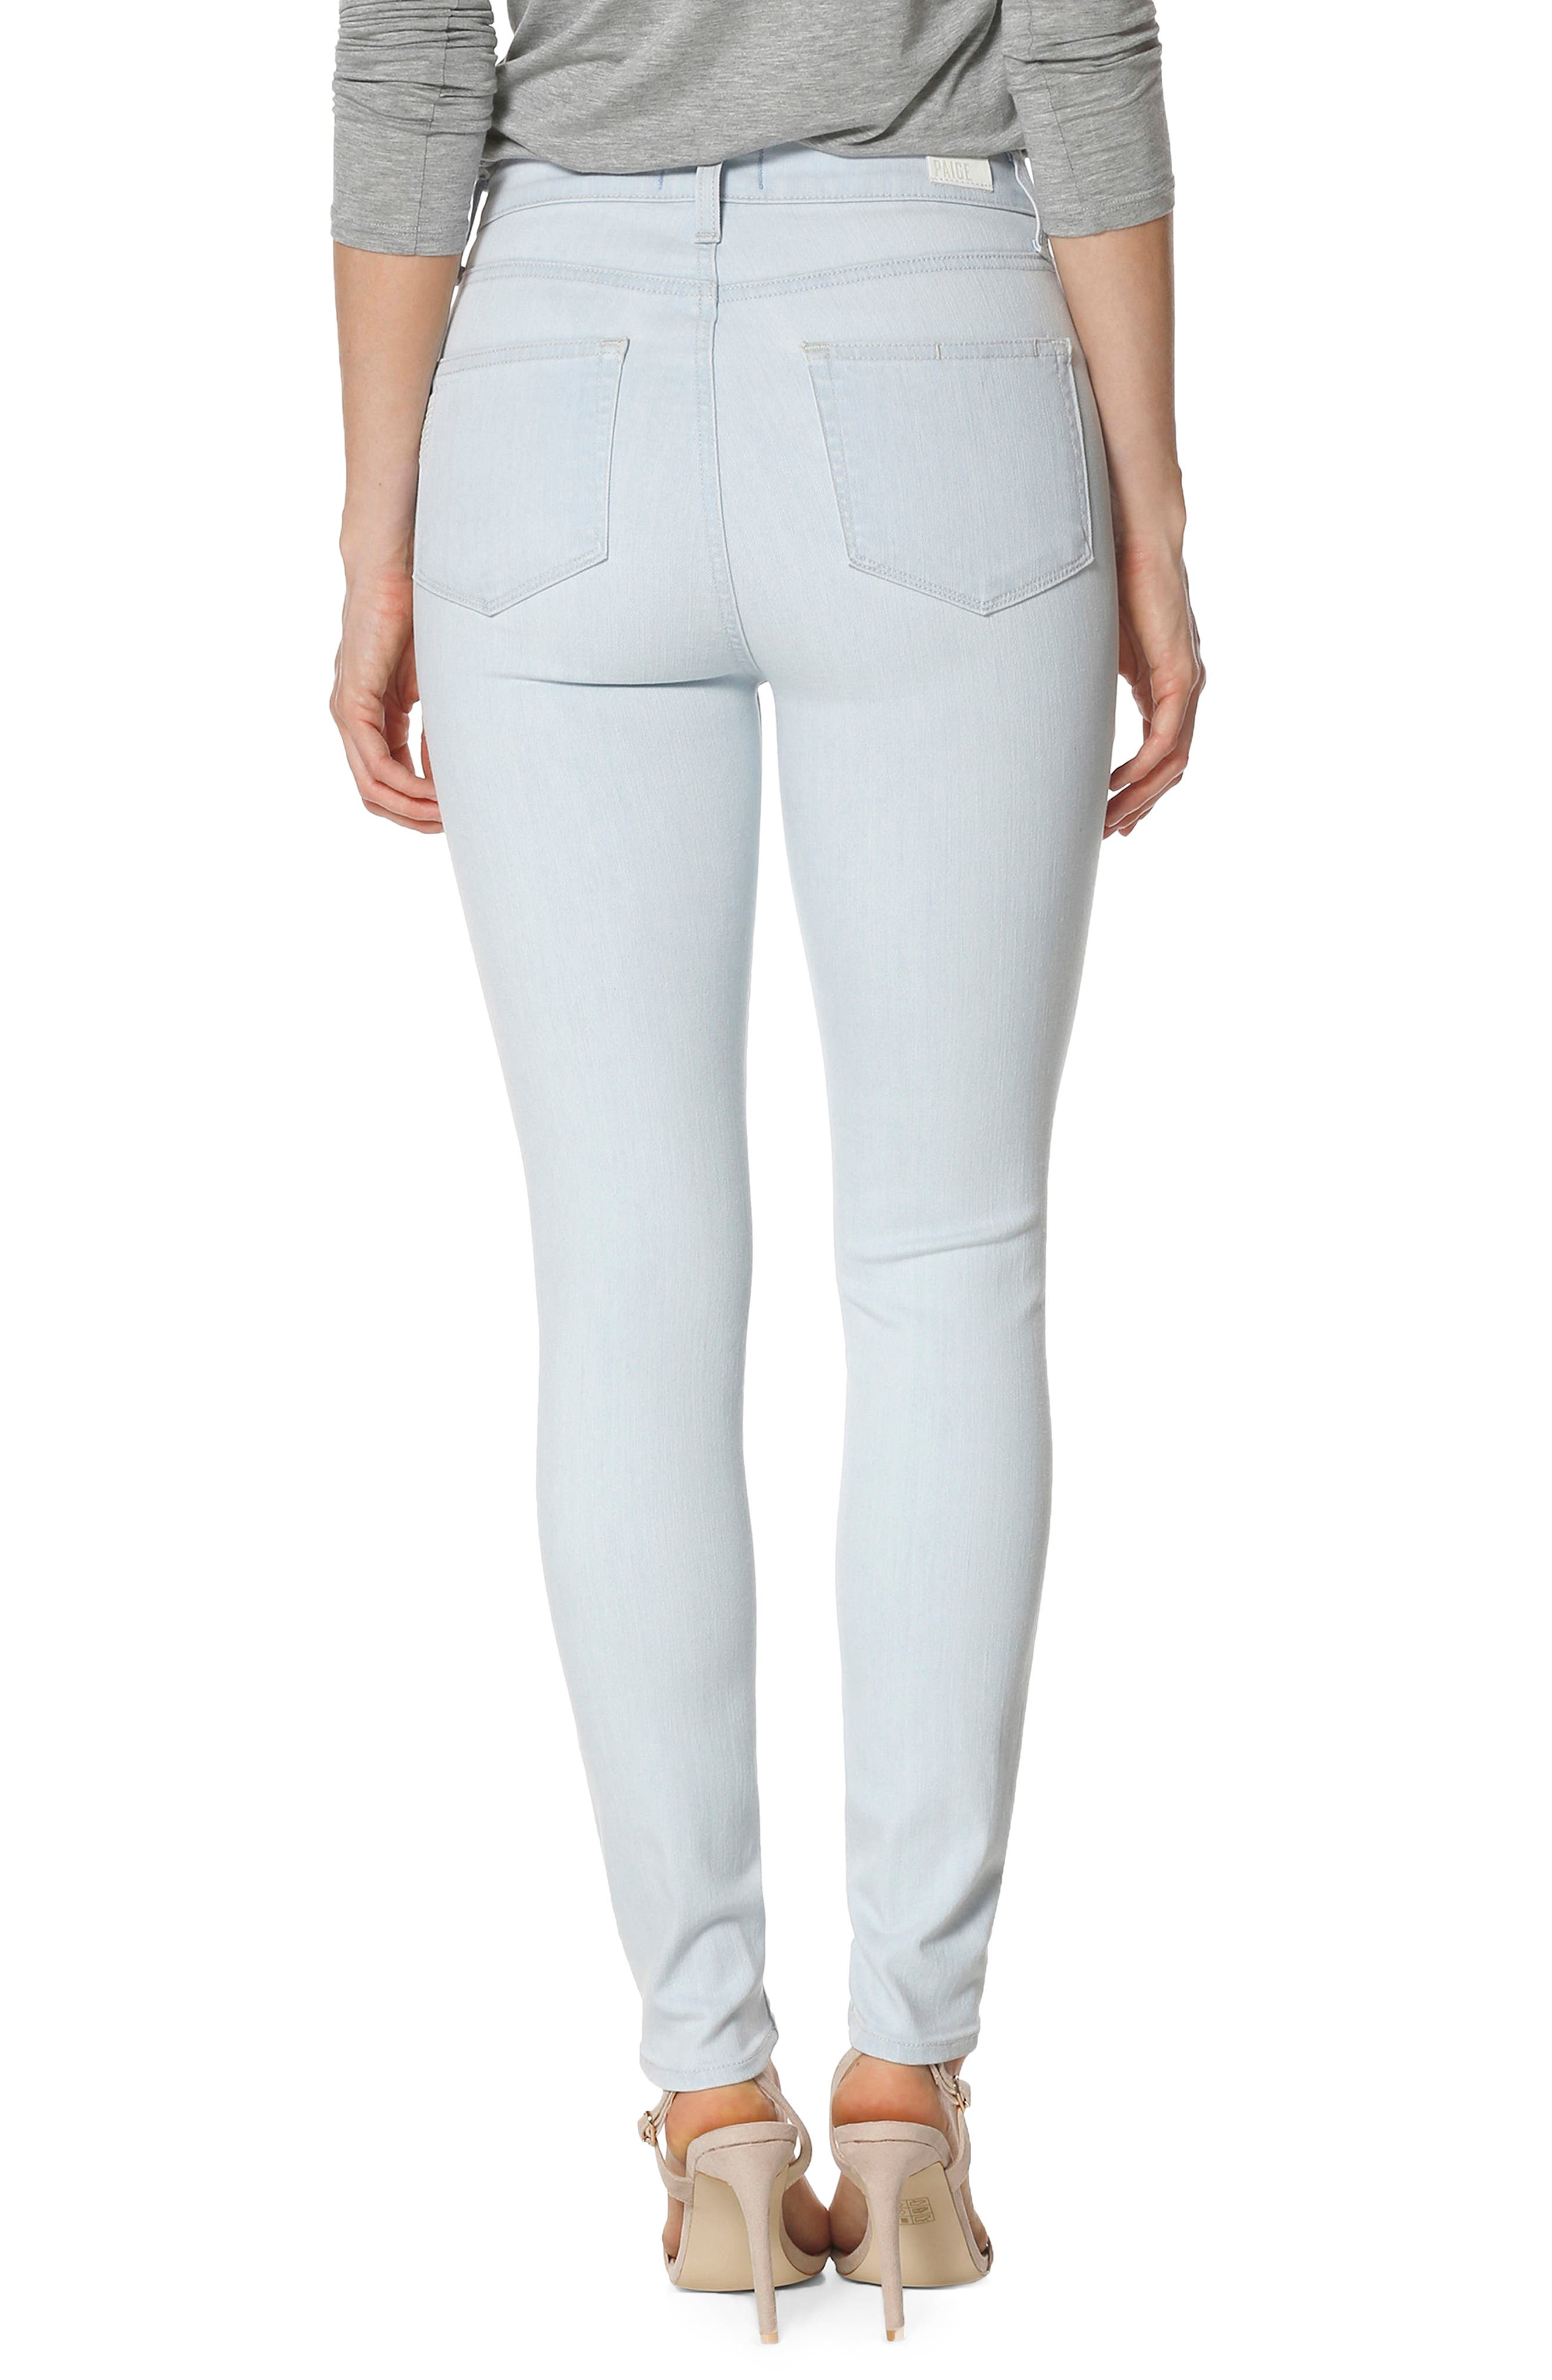 Margot High Waist Ultra Skinny Jeans,                             Alternate thumbnail 2, color,                             400